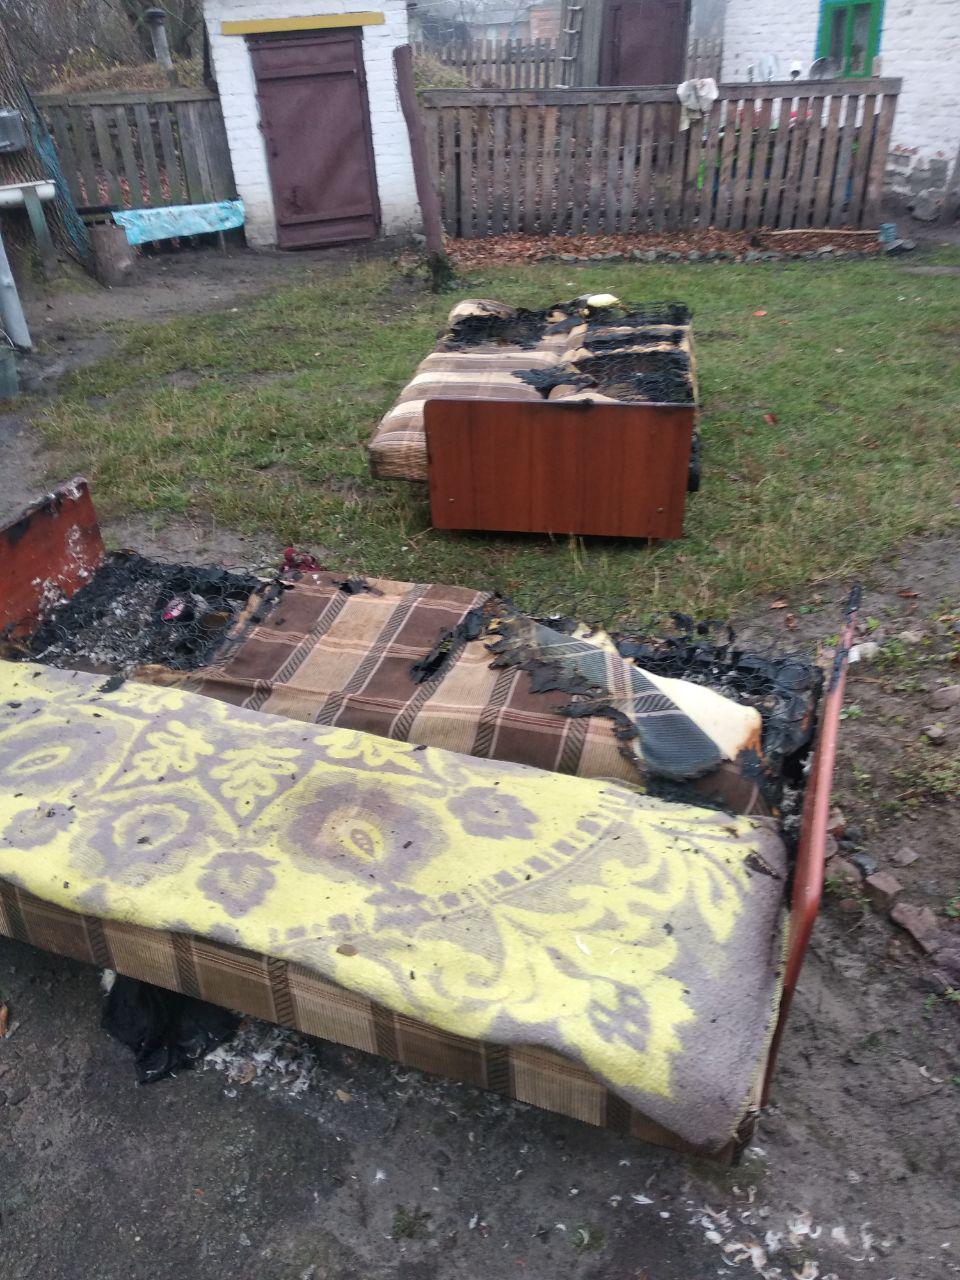 На Іванківщині ліквідували пожежу житлового будинку -  - photo 2019 10 25 10 48 31